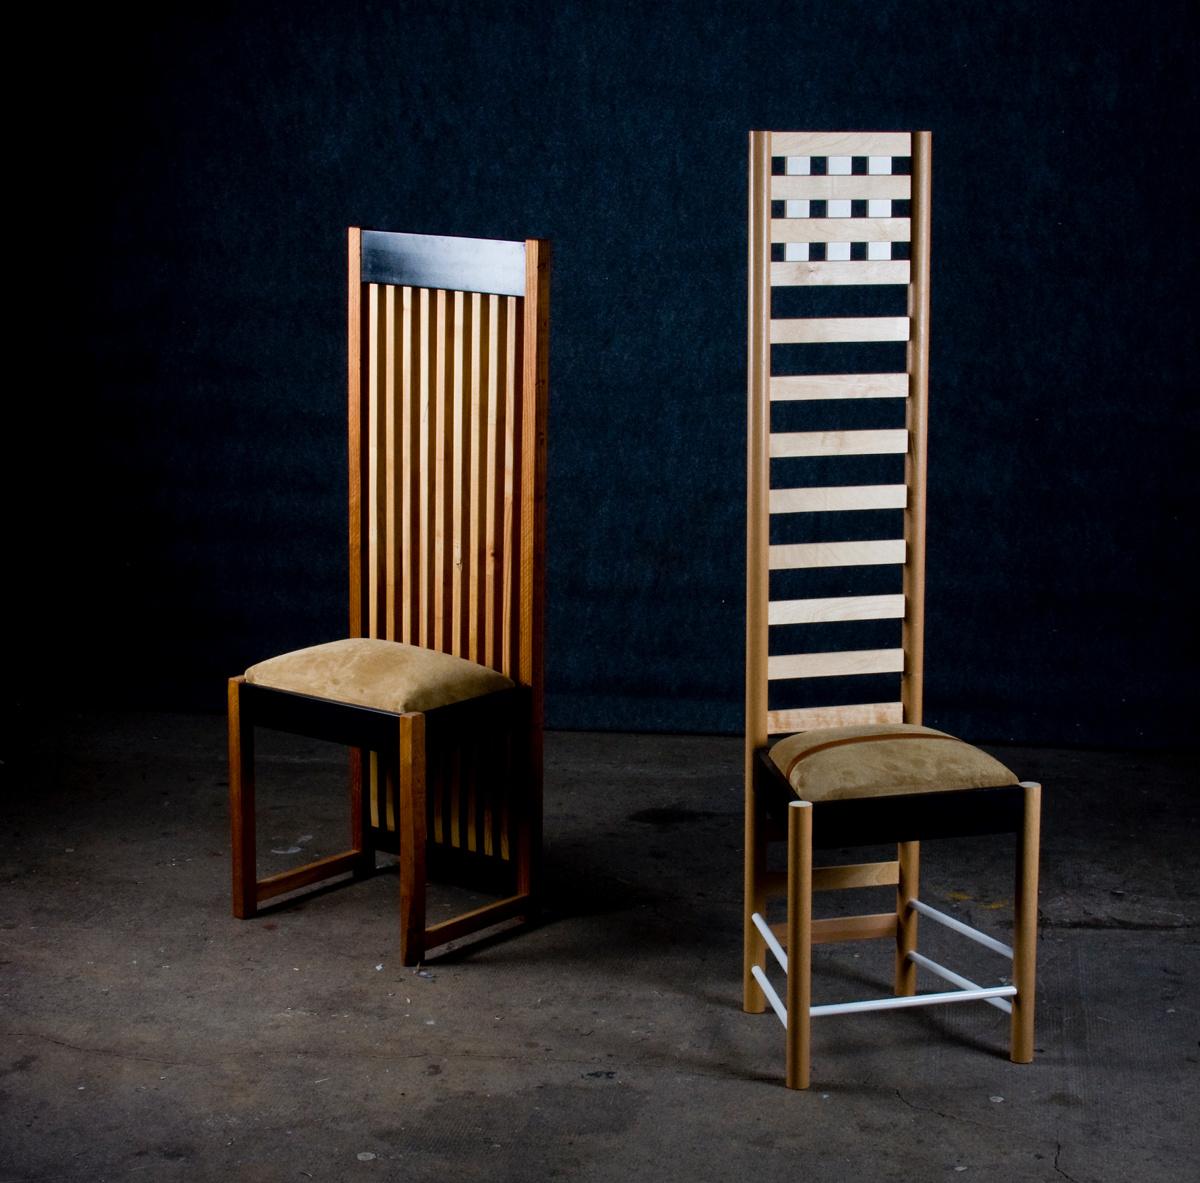 Prototypes inspirés des chaises@de Mackintosh et de Wright, matériaux recyclés